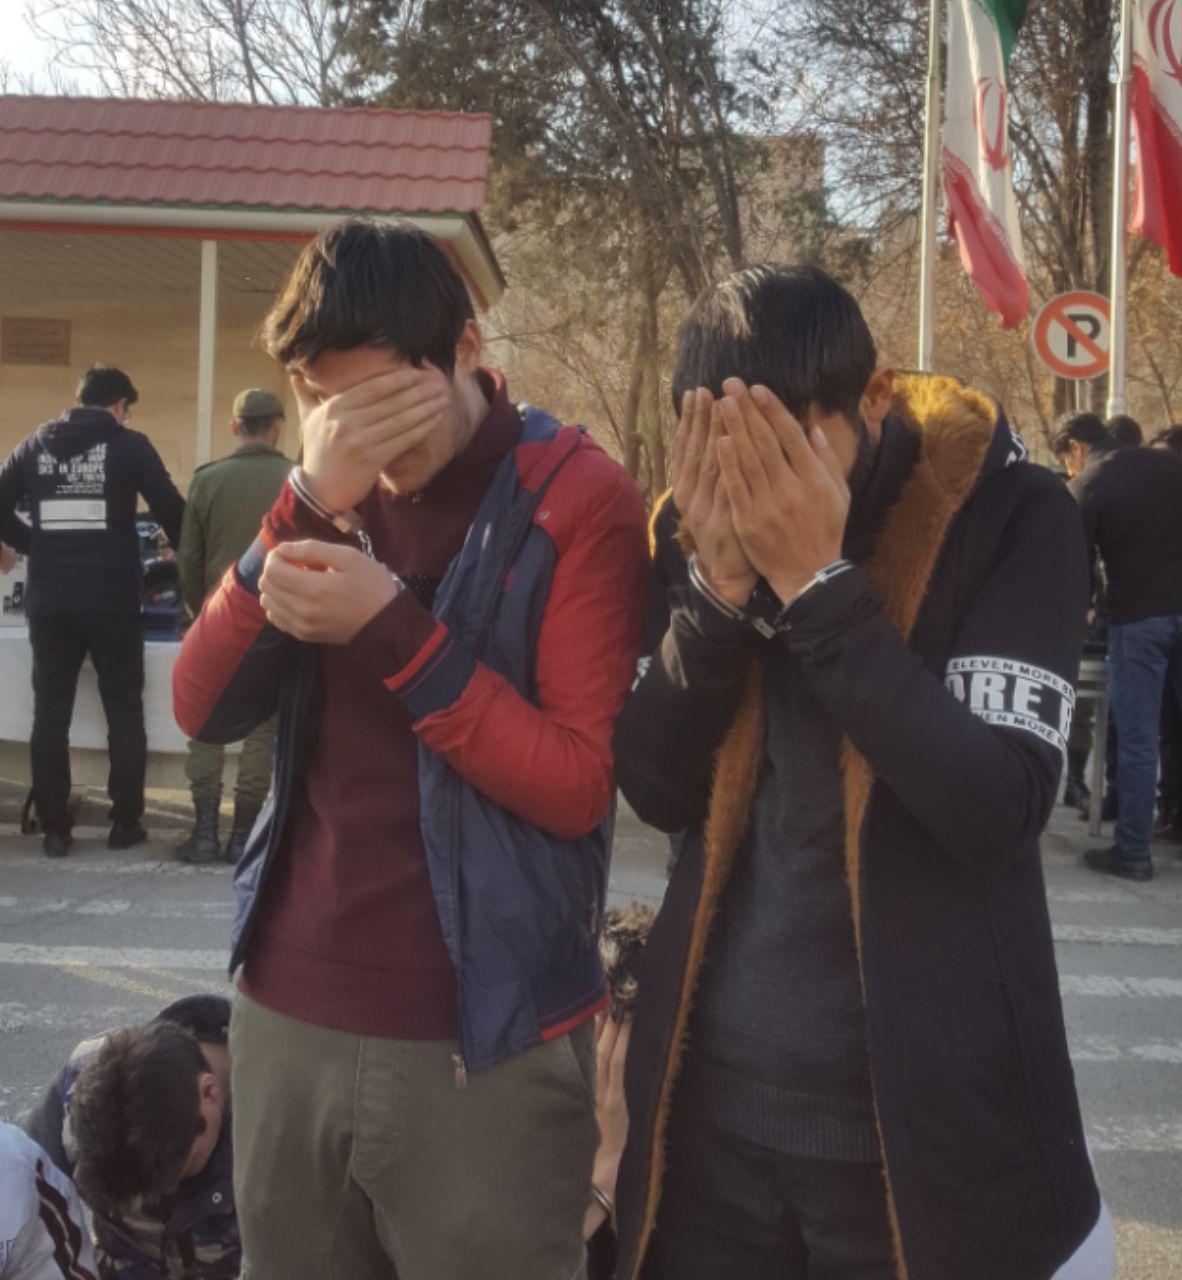 زورگیران موبایل قاپ پایتخت به دام افتادند/ سرقت گوشیهای تلفن همراه فقط به خاطر ۲-۳ میلیون تومان پول + عکس